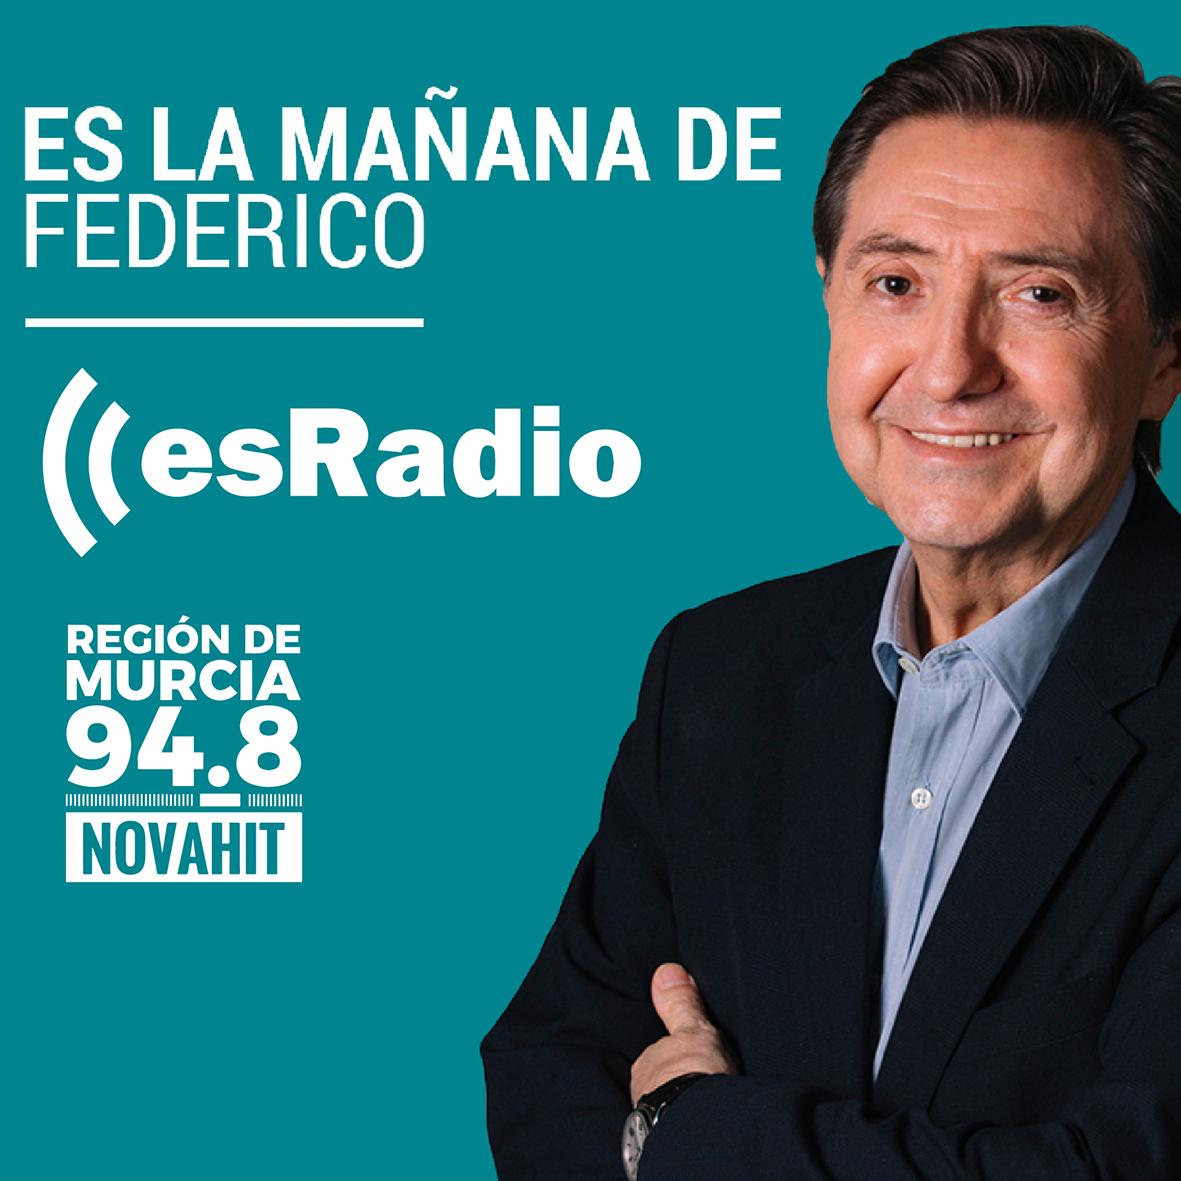 Campaña de Radio